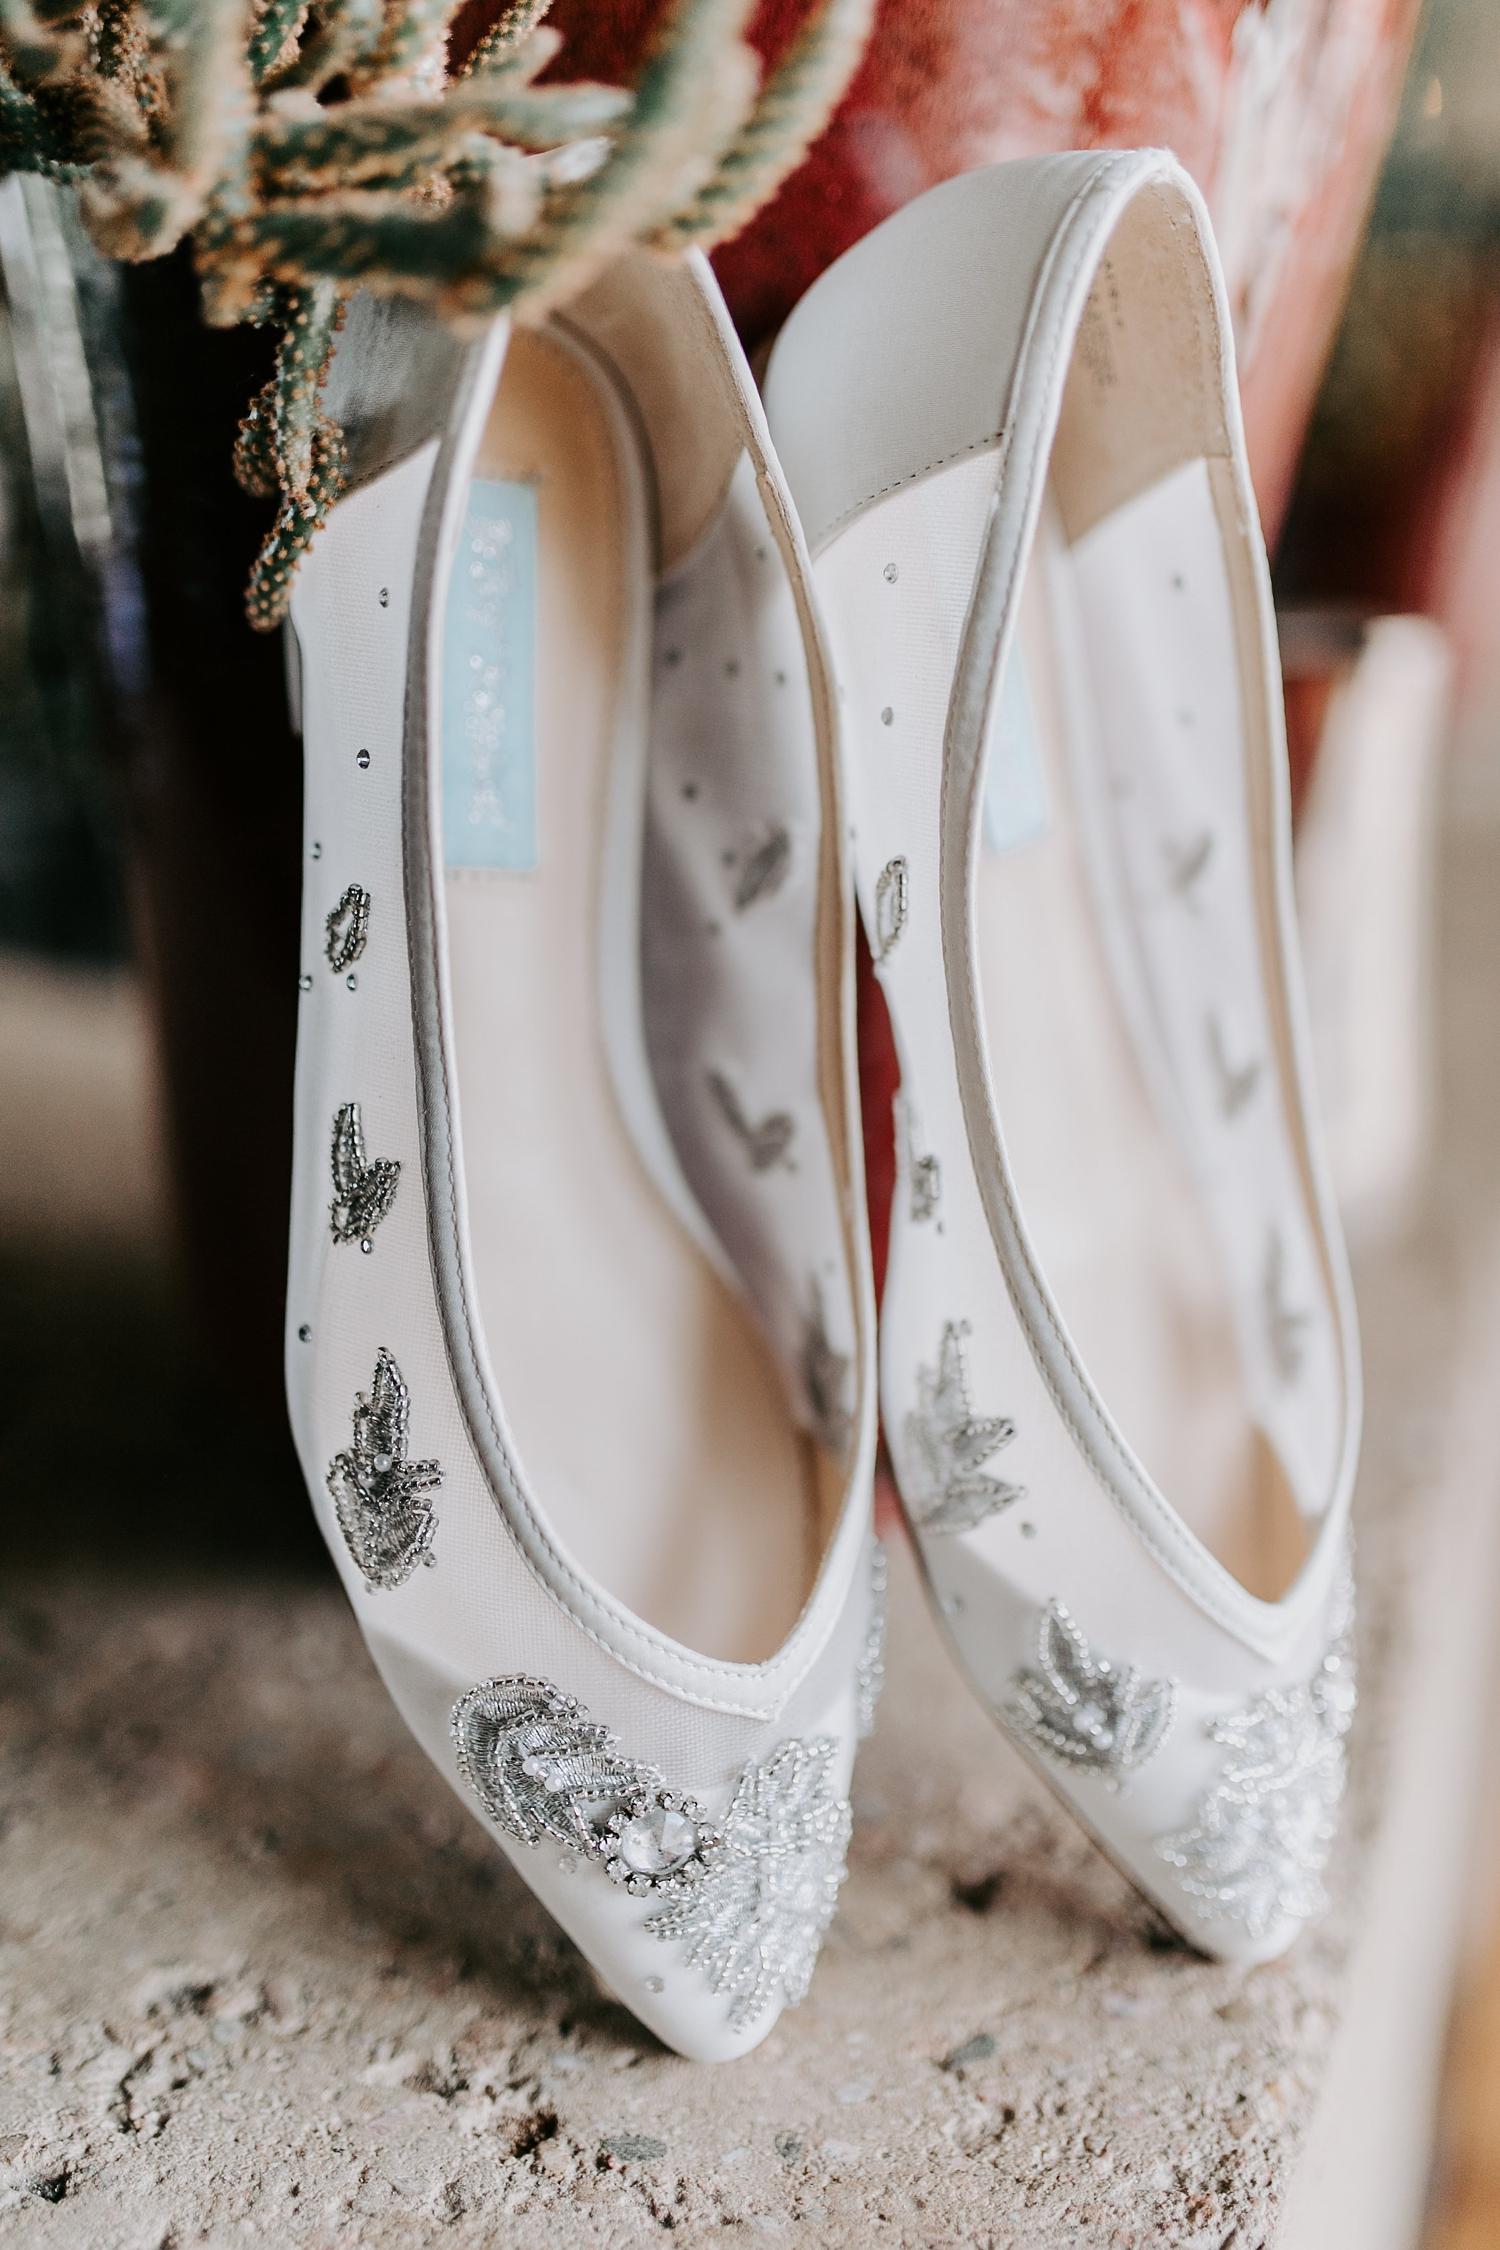 Alicia+lucia+photography+-+albuquerque+wedding+photographer+-+santa+fe+wedding+photography+-+new+mexico+wedding+photographer+-+wedding+bridal+shoe+-+wedding+style+edit_0031.jpg